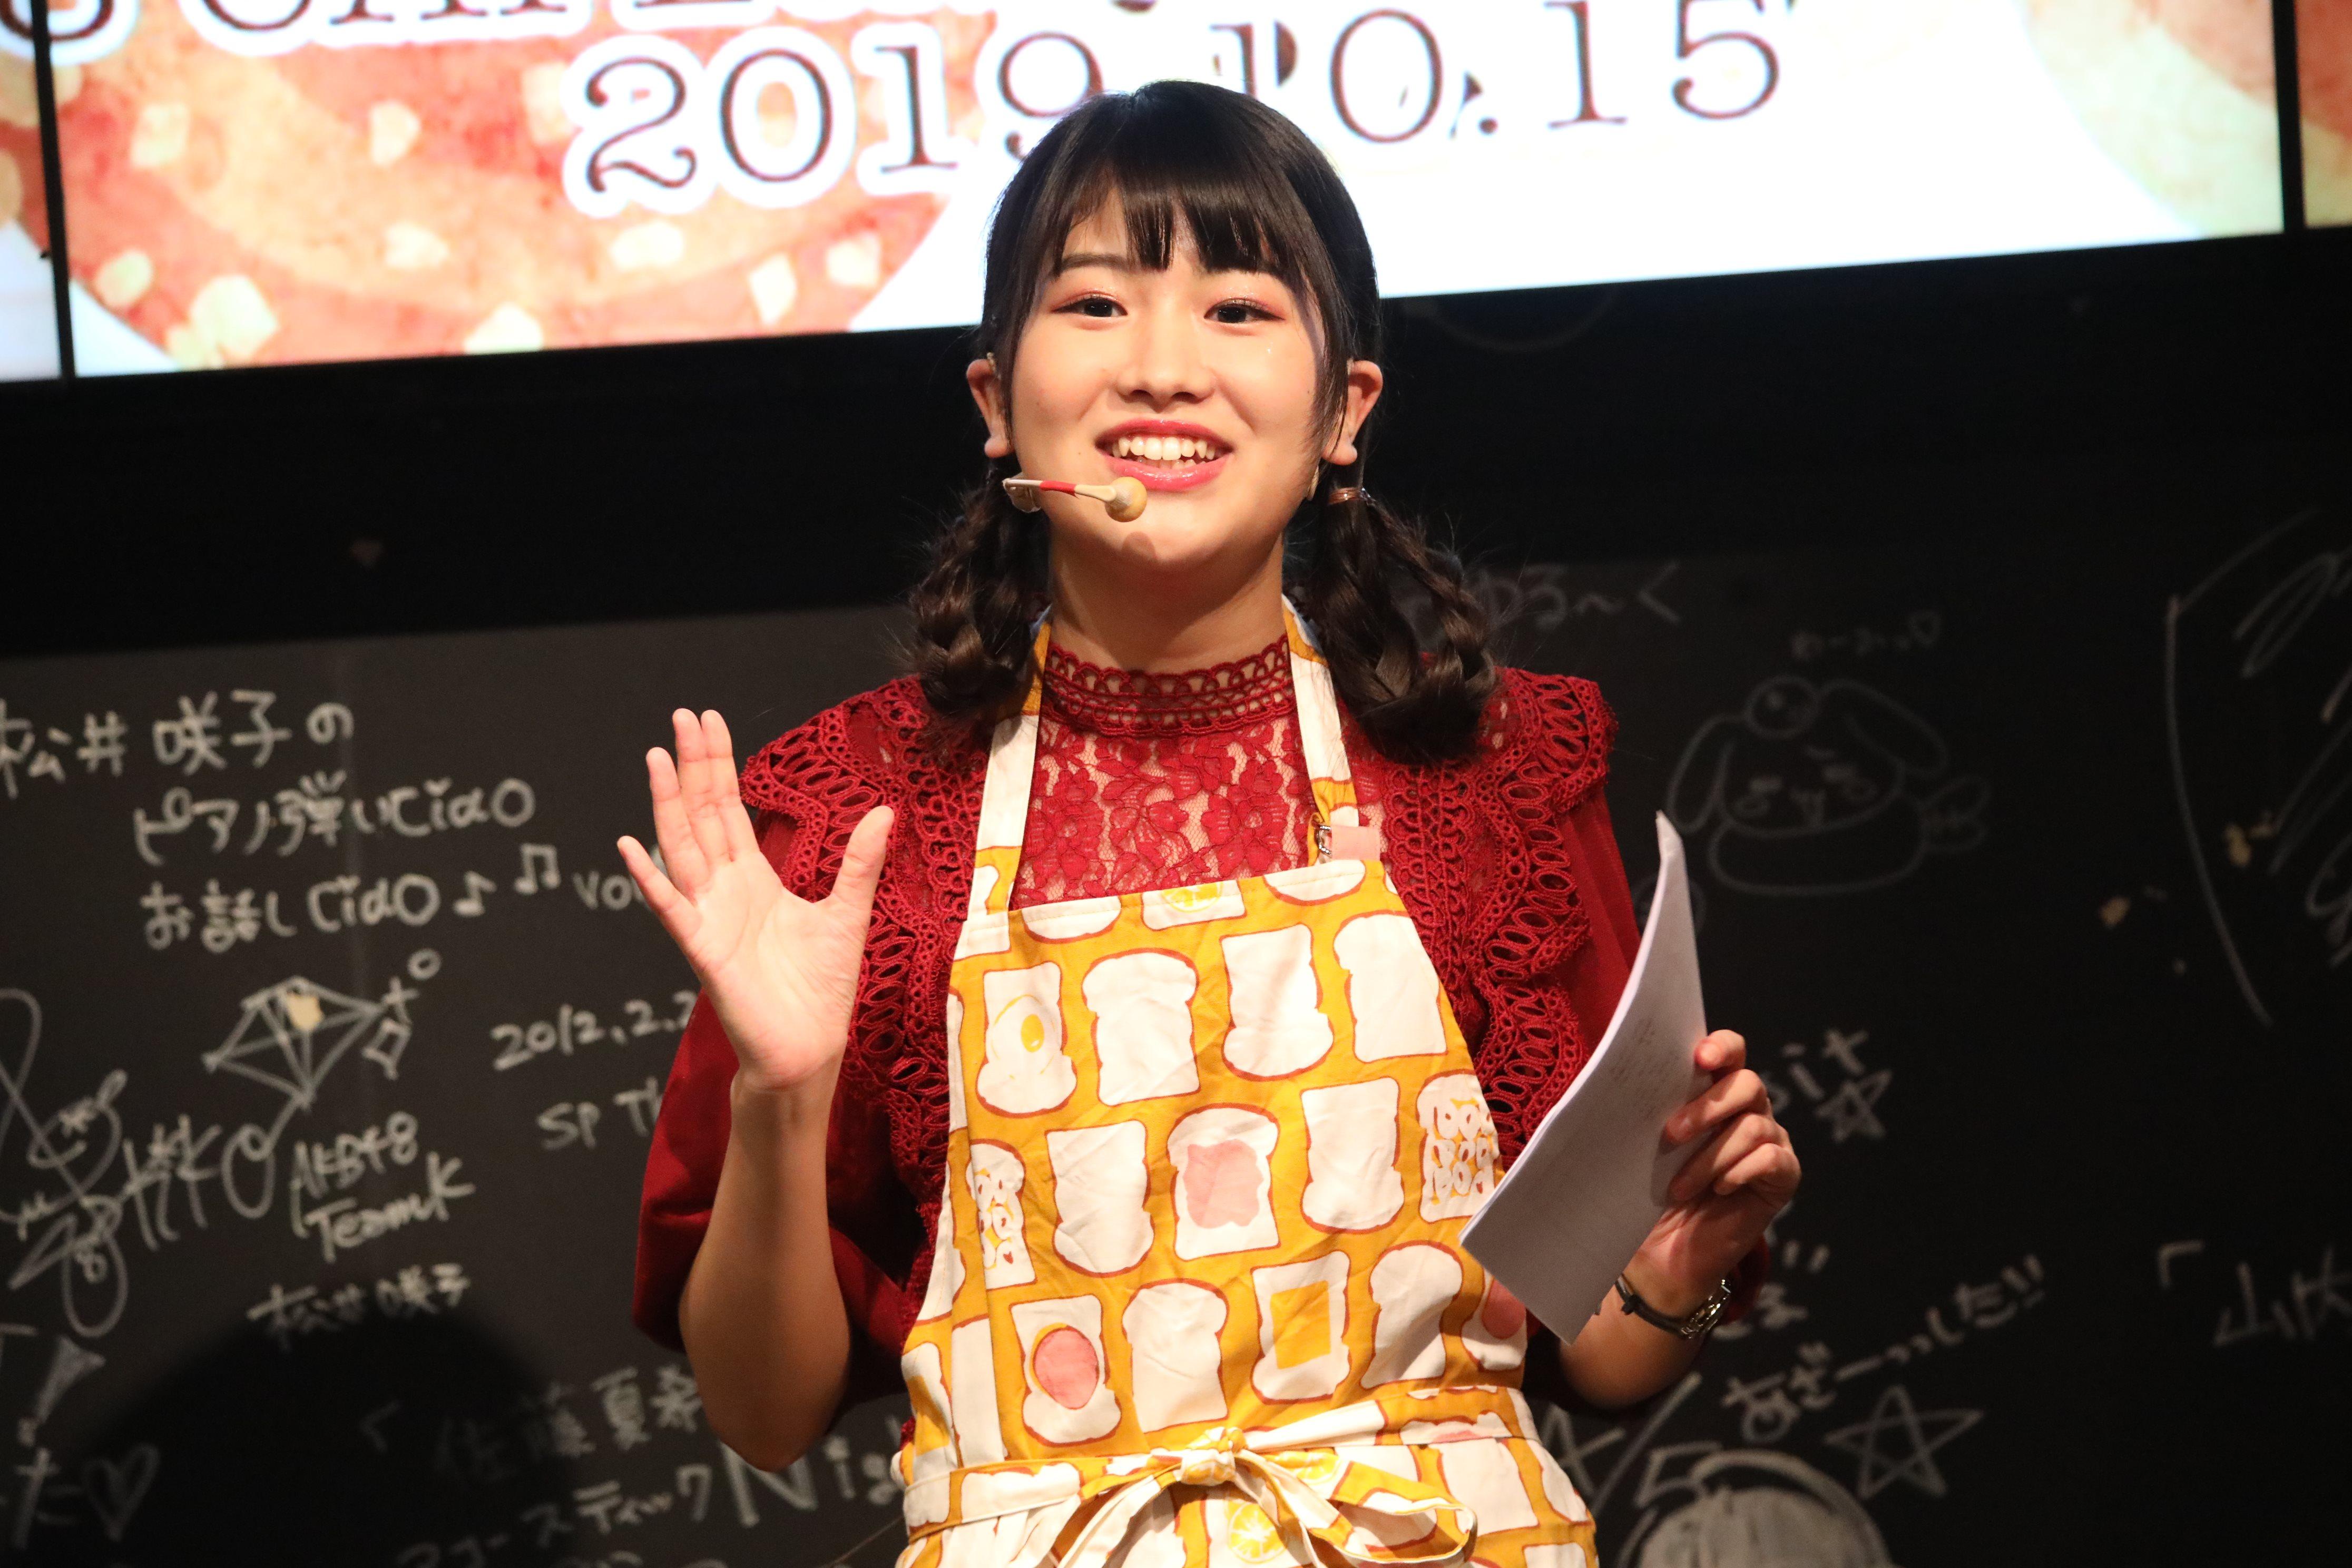 「お楽しみに!」と語る高橋彩香